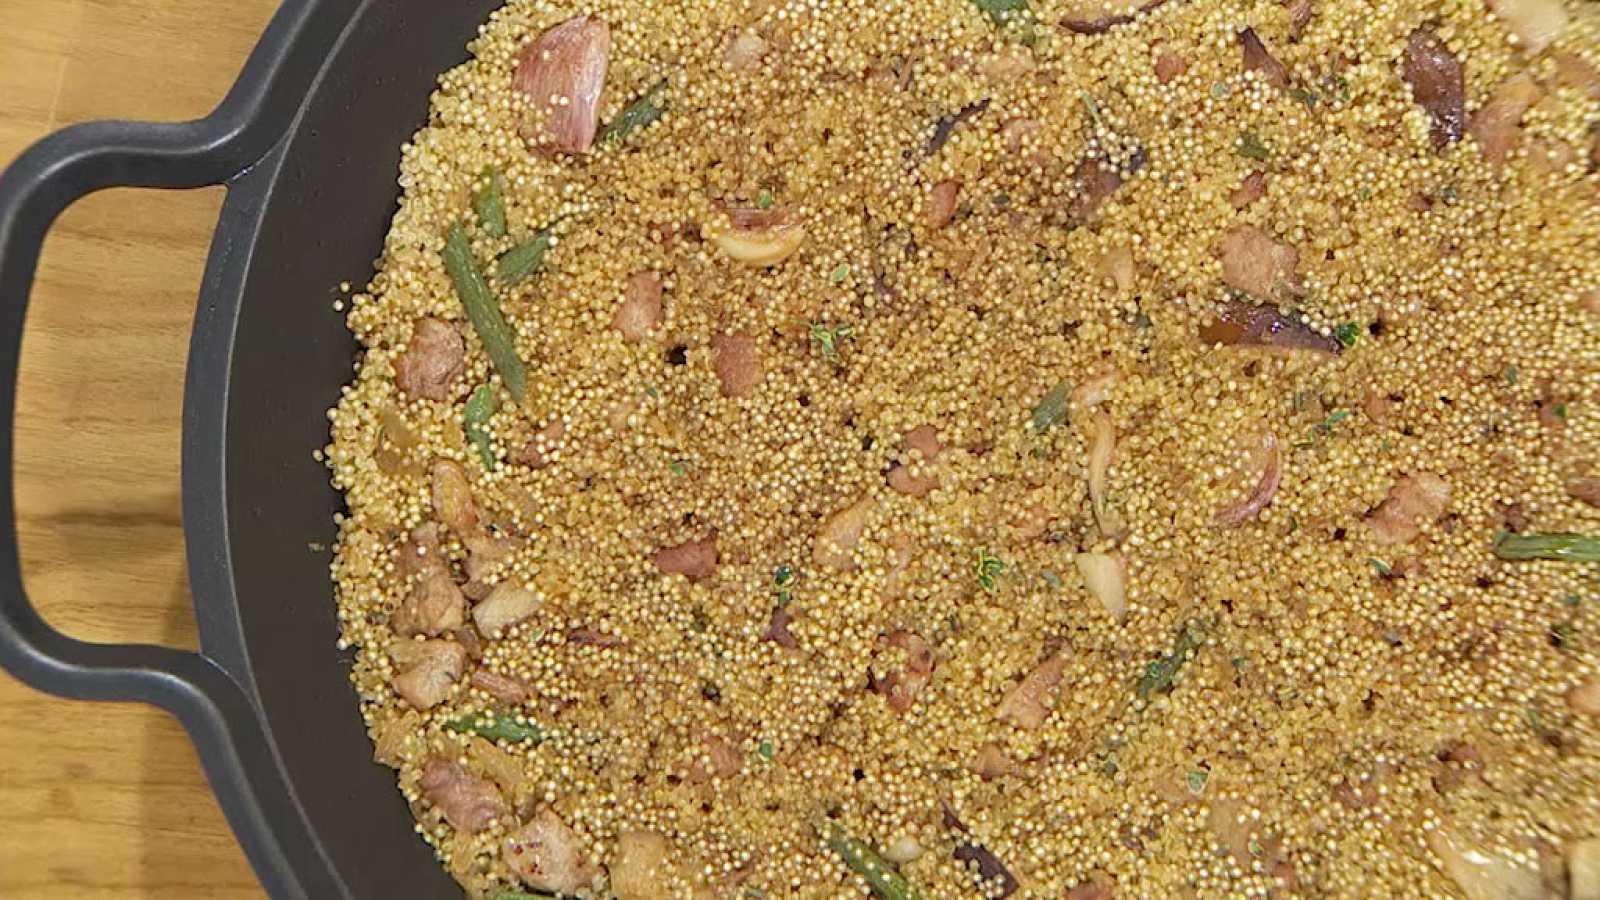 Torres en la cocina - Paella de quinoa